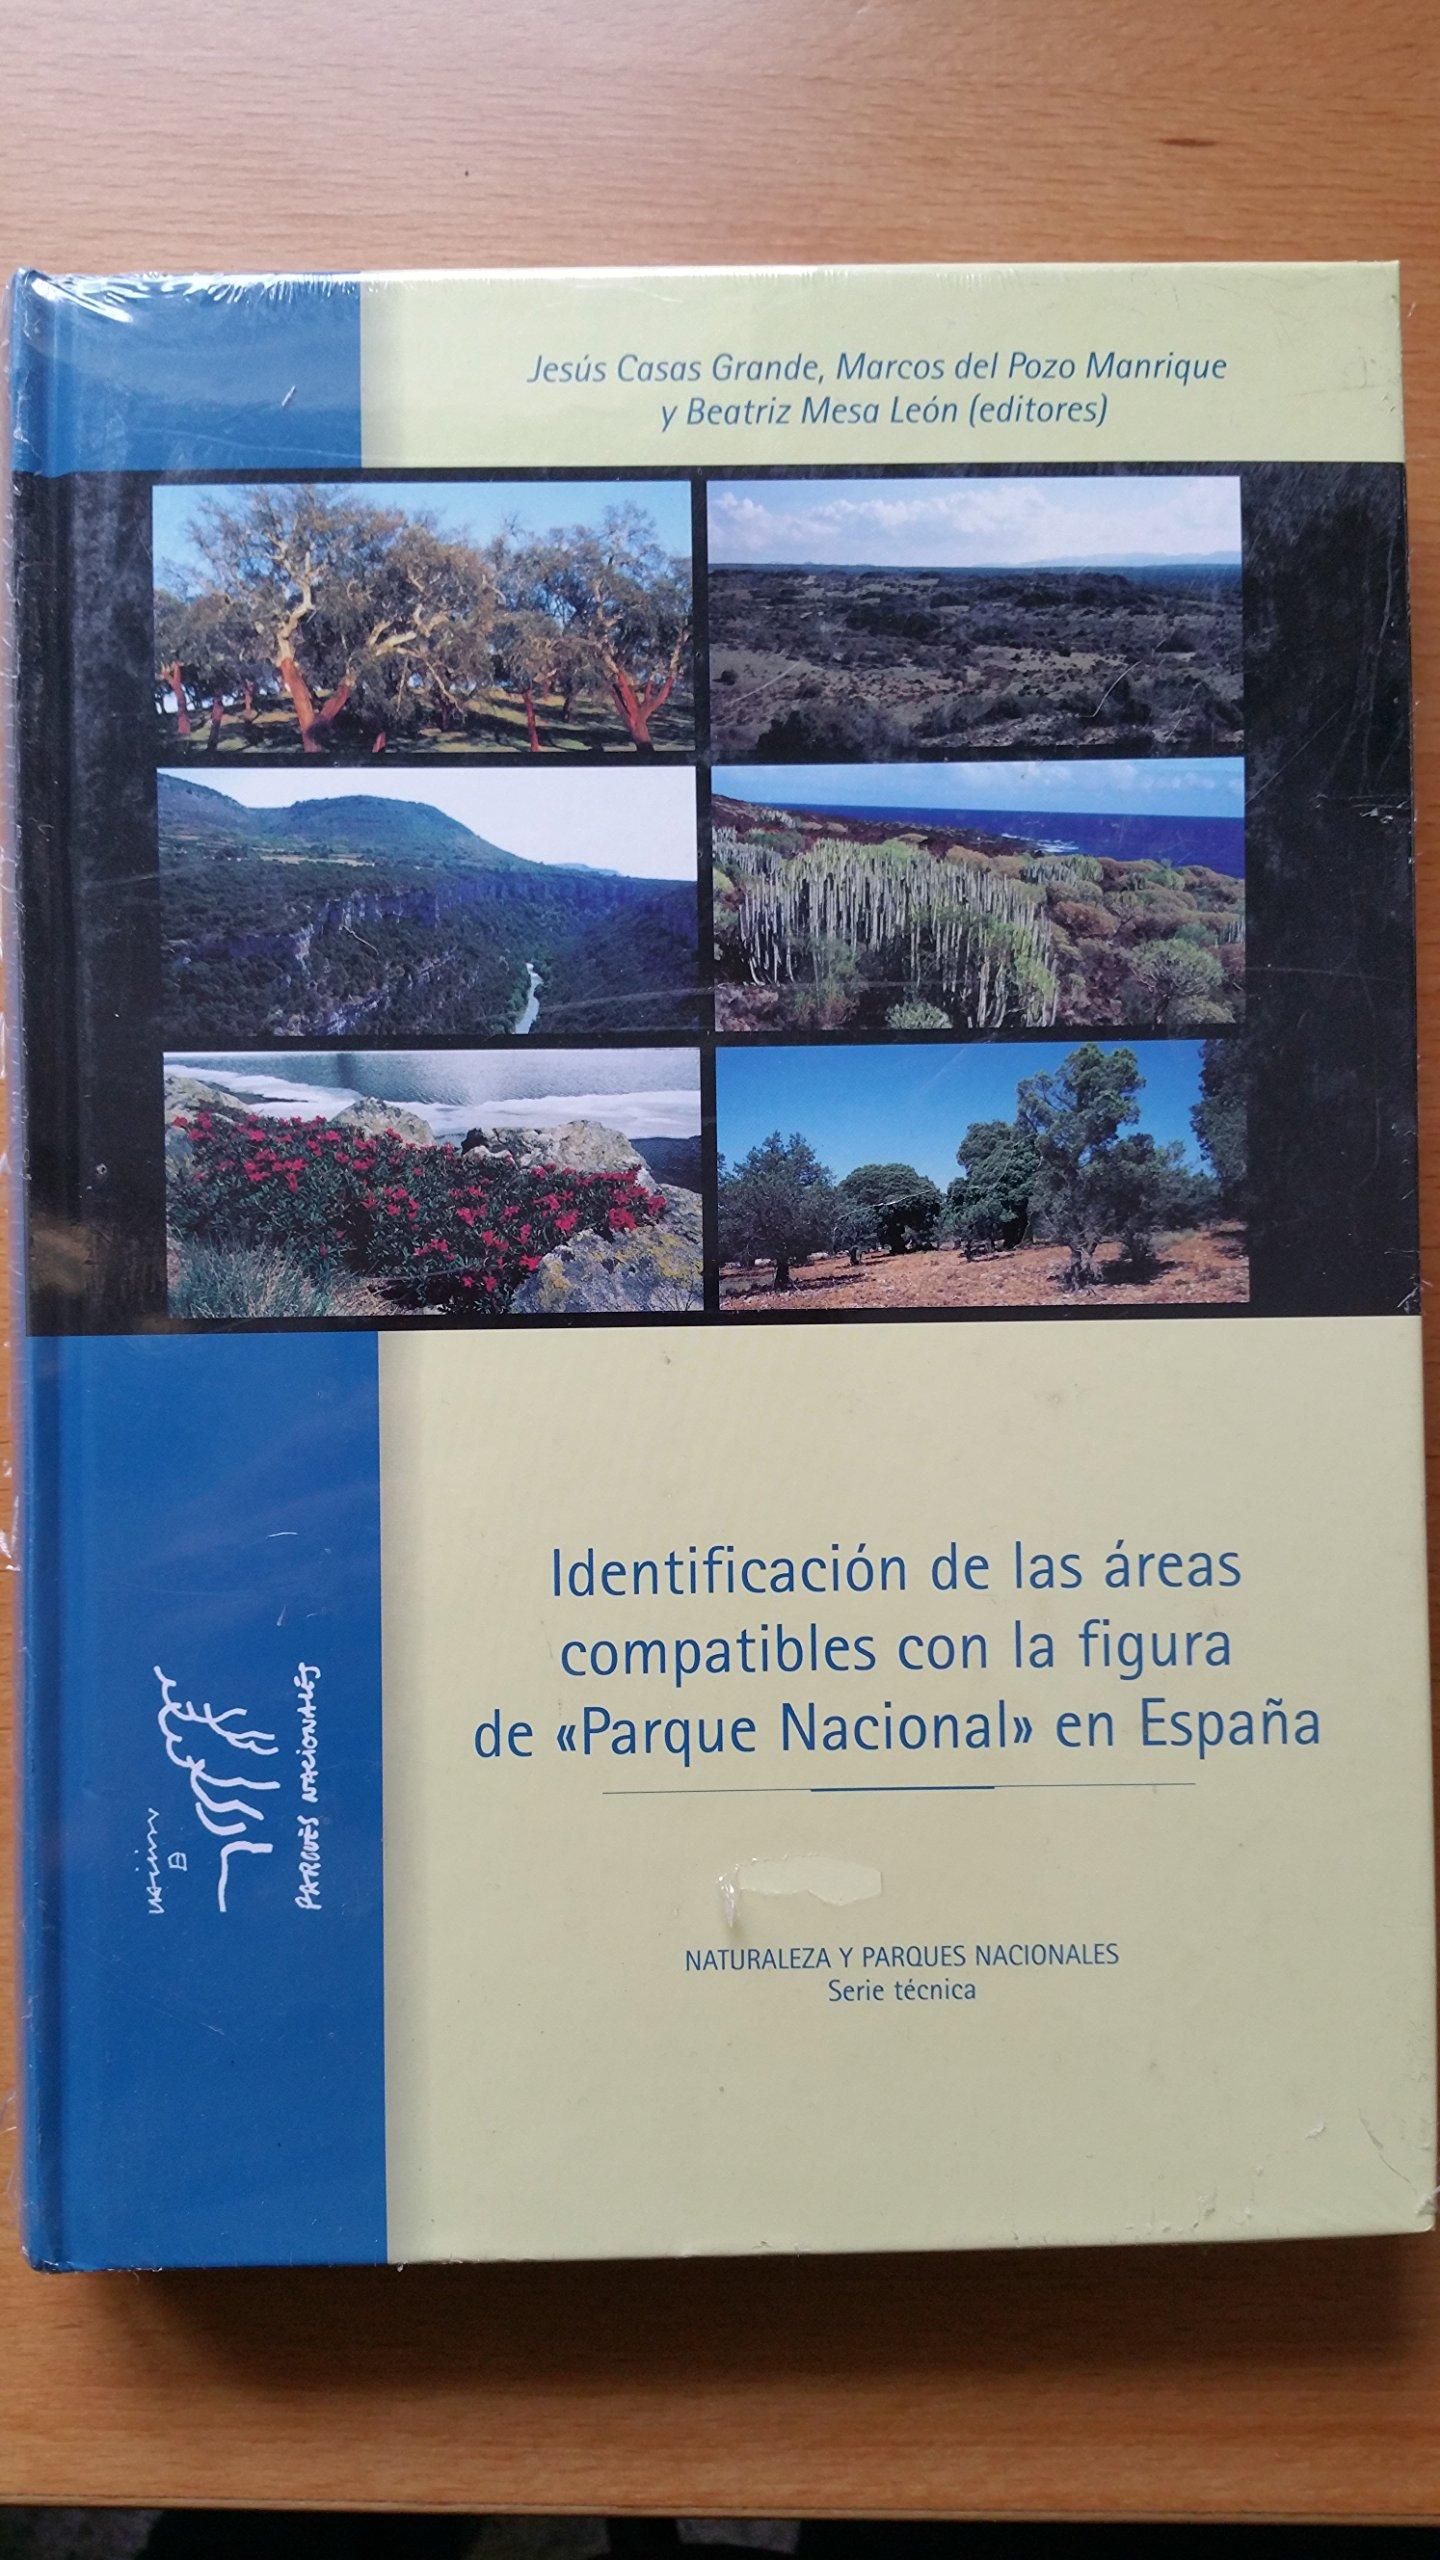 Identificacion de las Areas Compatibles con la Figura de Parque Nacional en España: Amazon.es: Jesus Casas Grande, Marcos del Pozo Manrique, Beatriz Mesa Leon: Libros